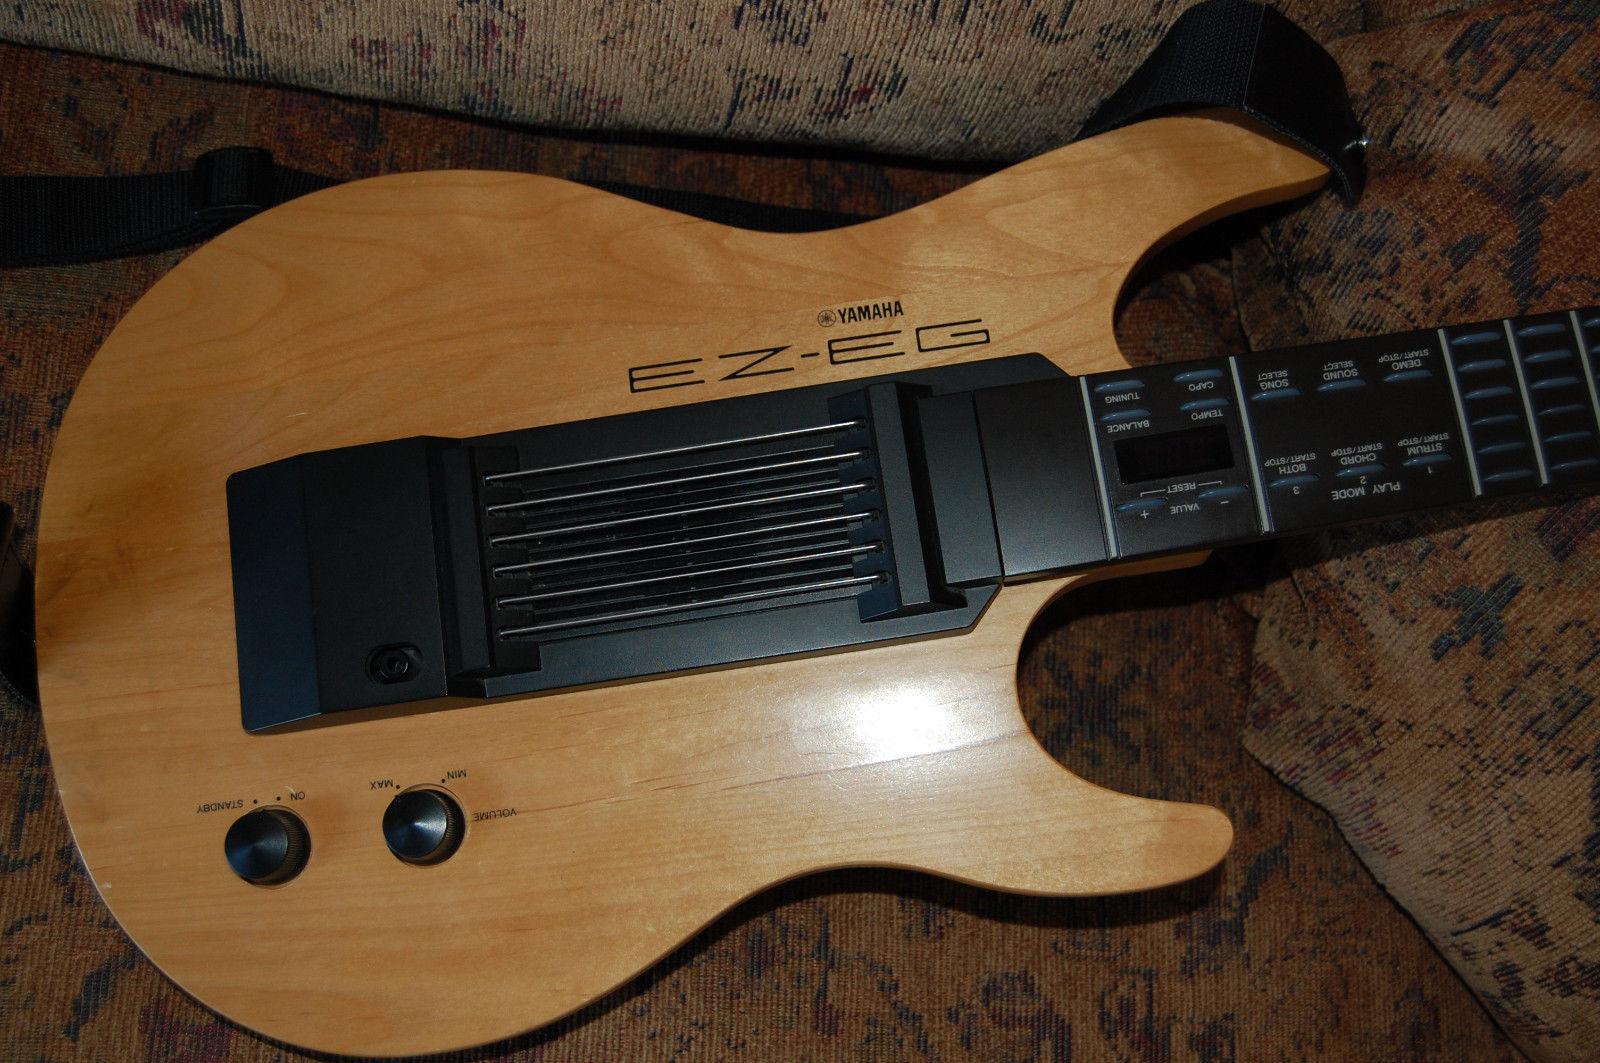 Ez guitar chords